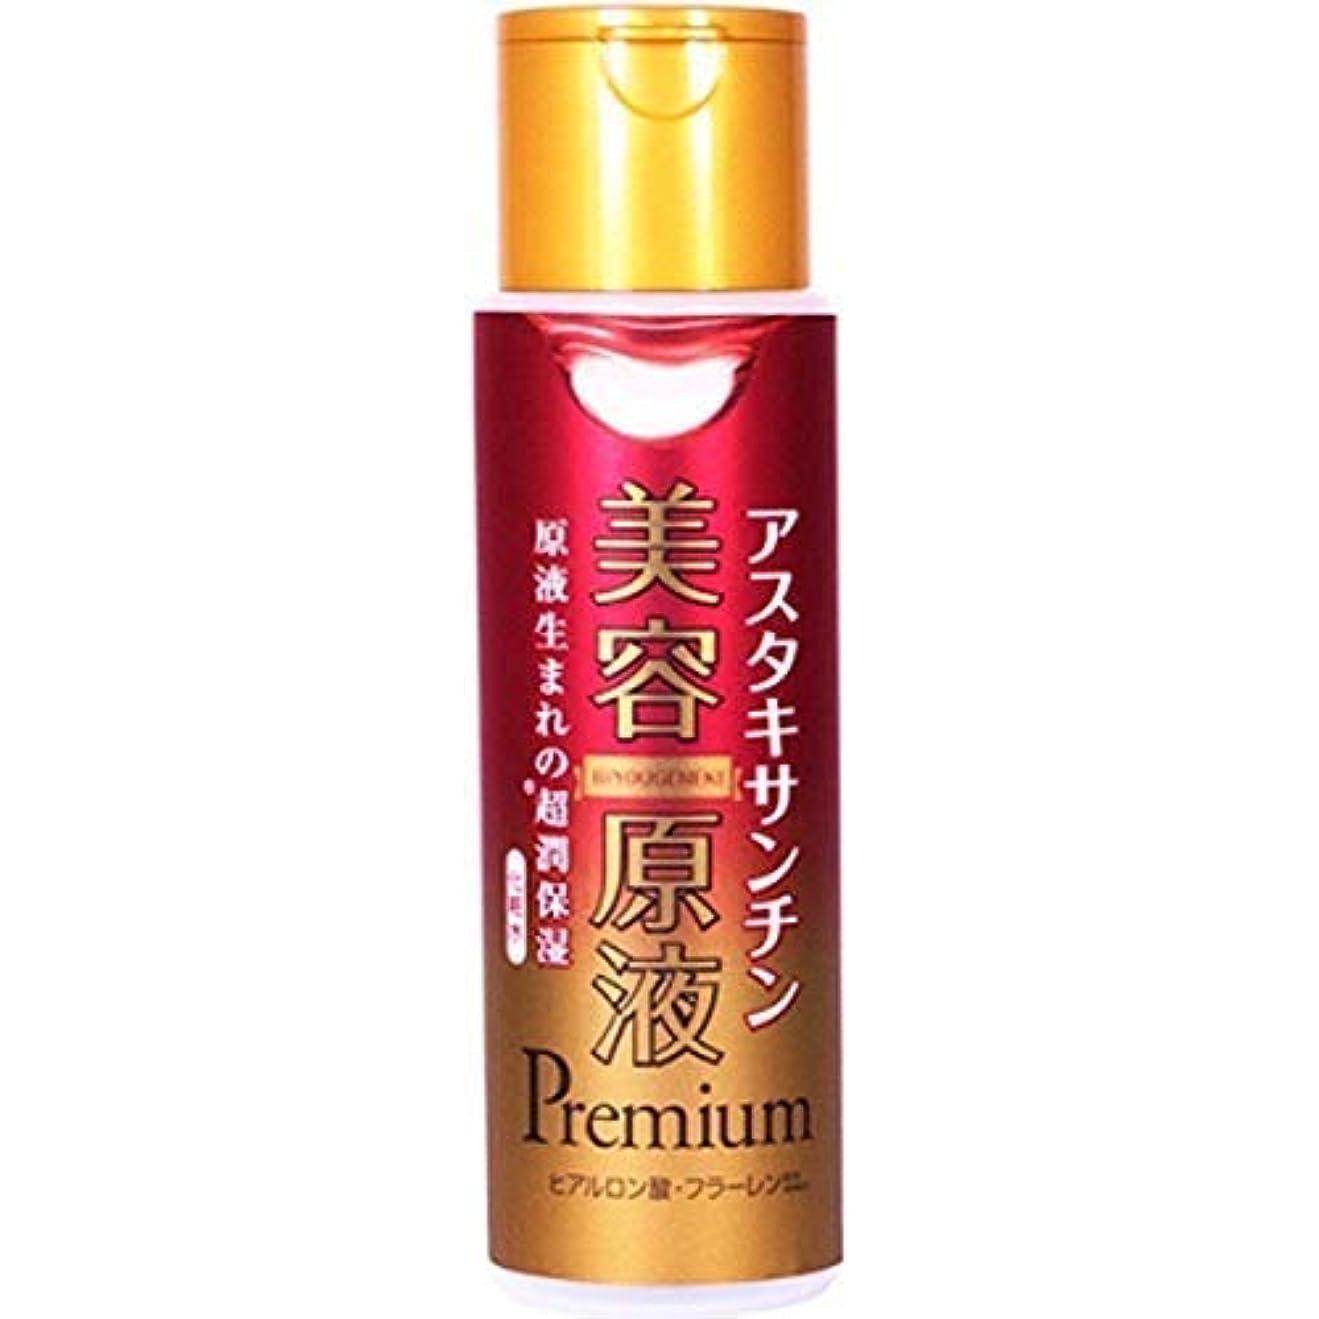 美容原液 超潤化粧水 ヒアルロン酸&アスタキサンチン 185mL (化粧水 エイジングケア 高保湿)